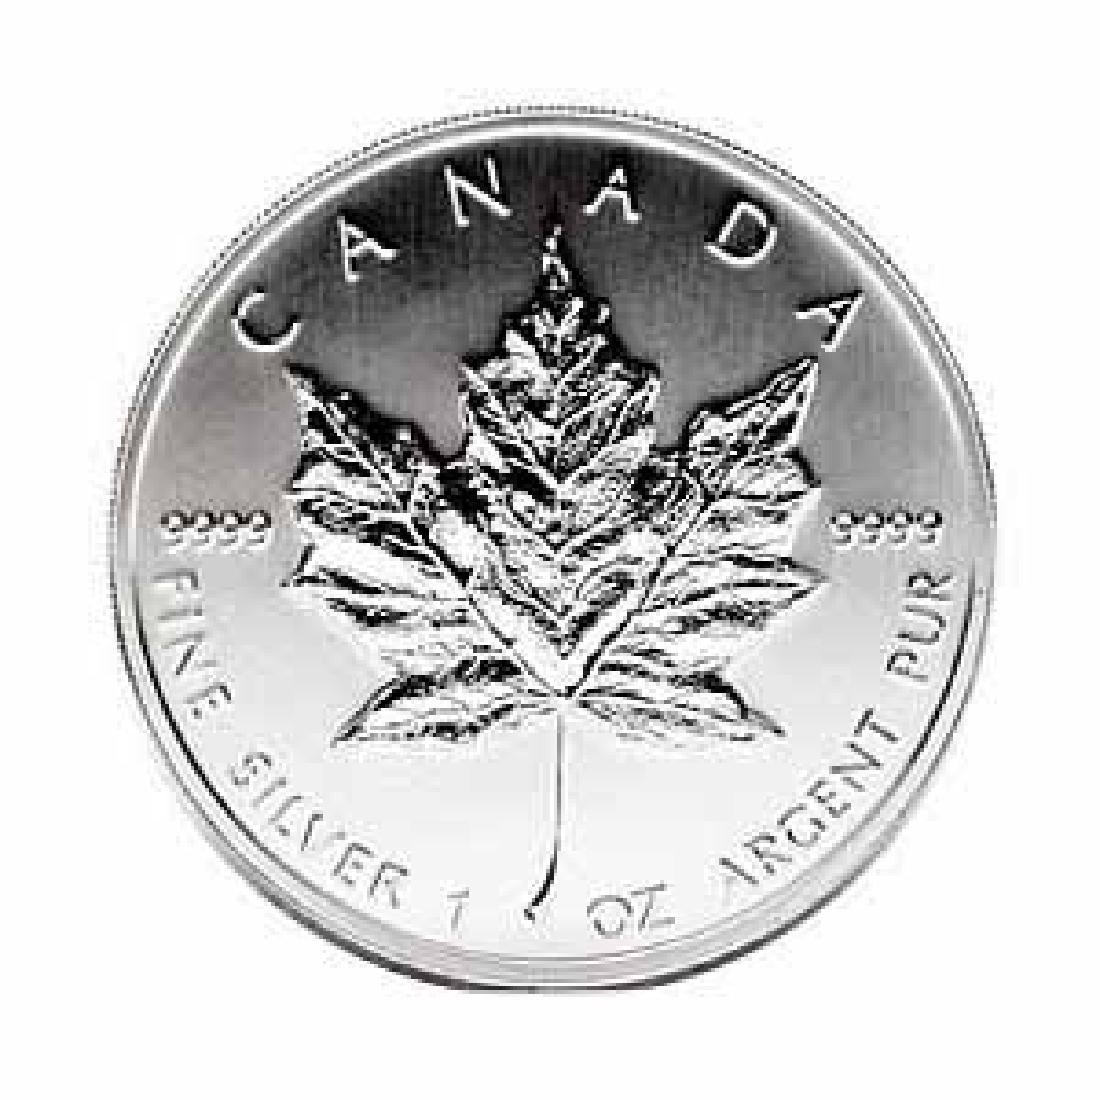 1989 Silver Maple Leaf 1 oz Uncirculated